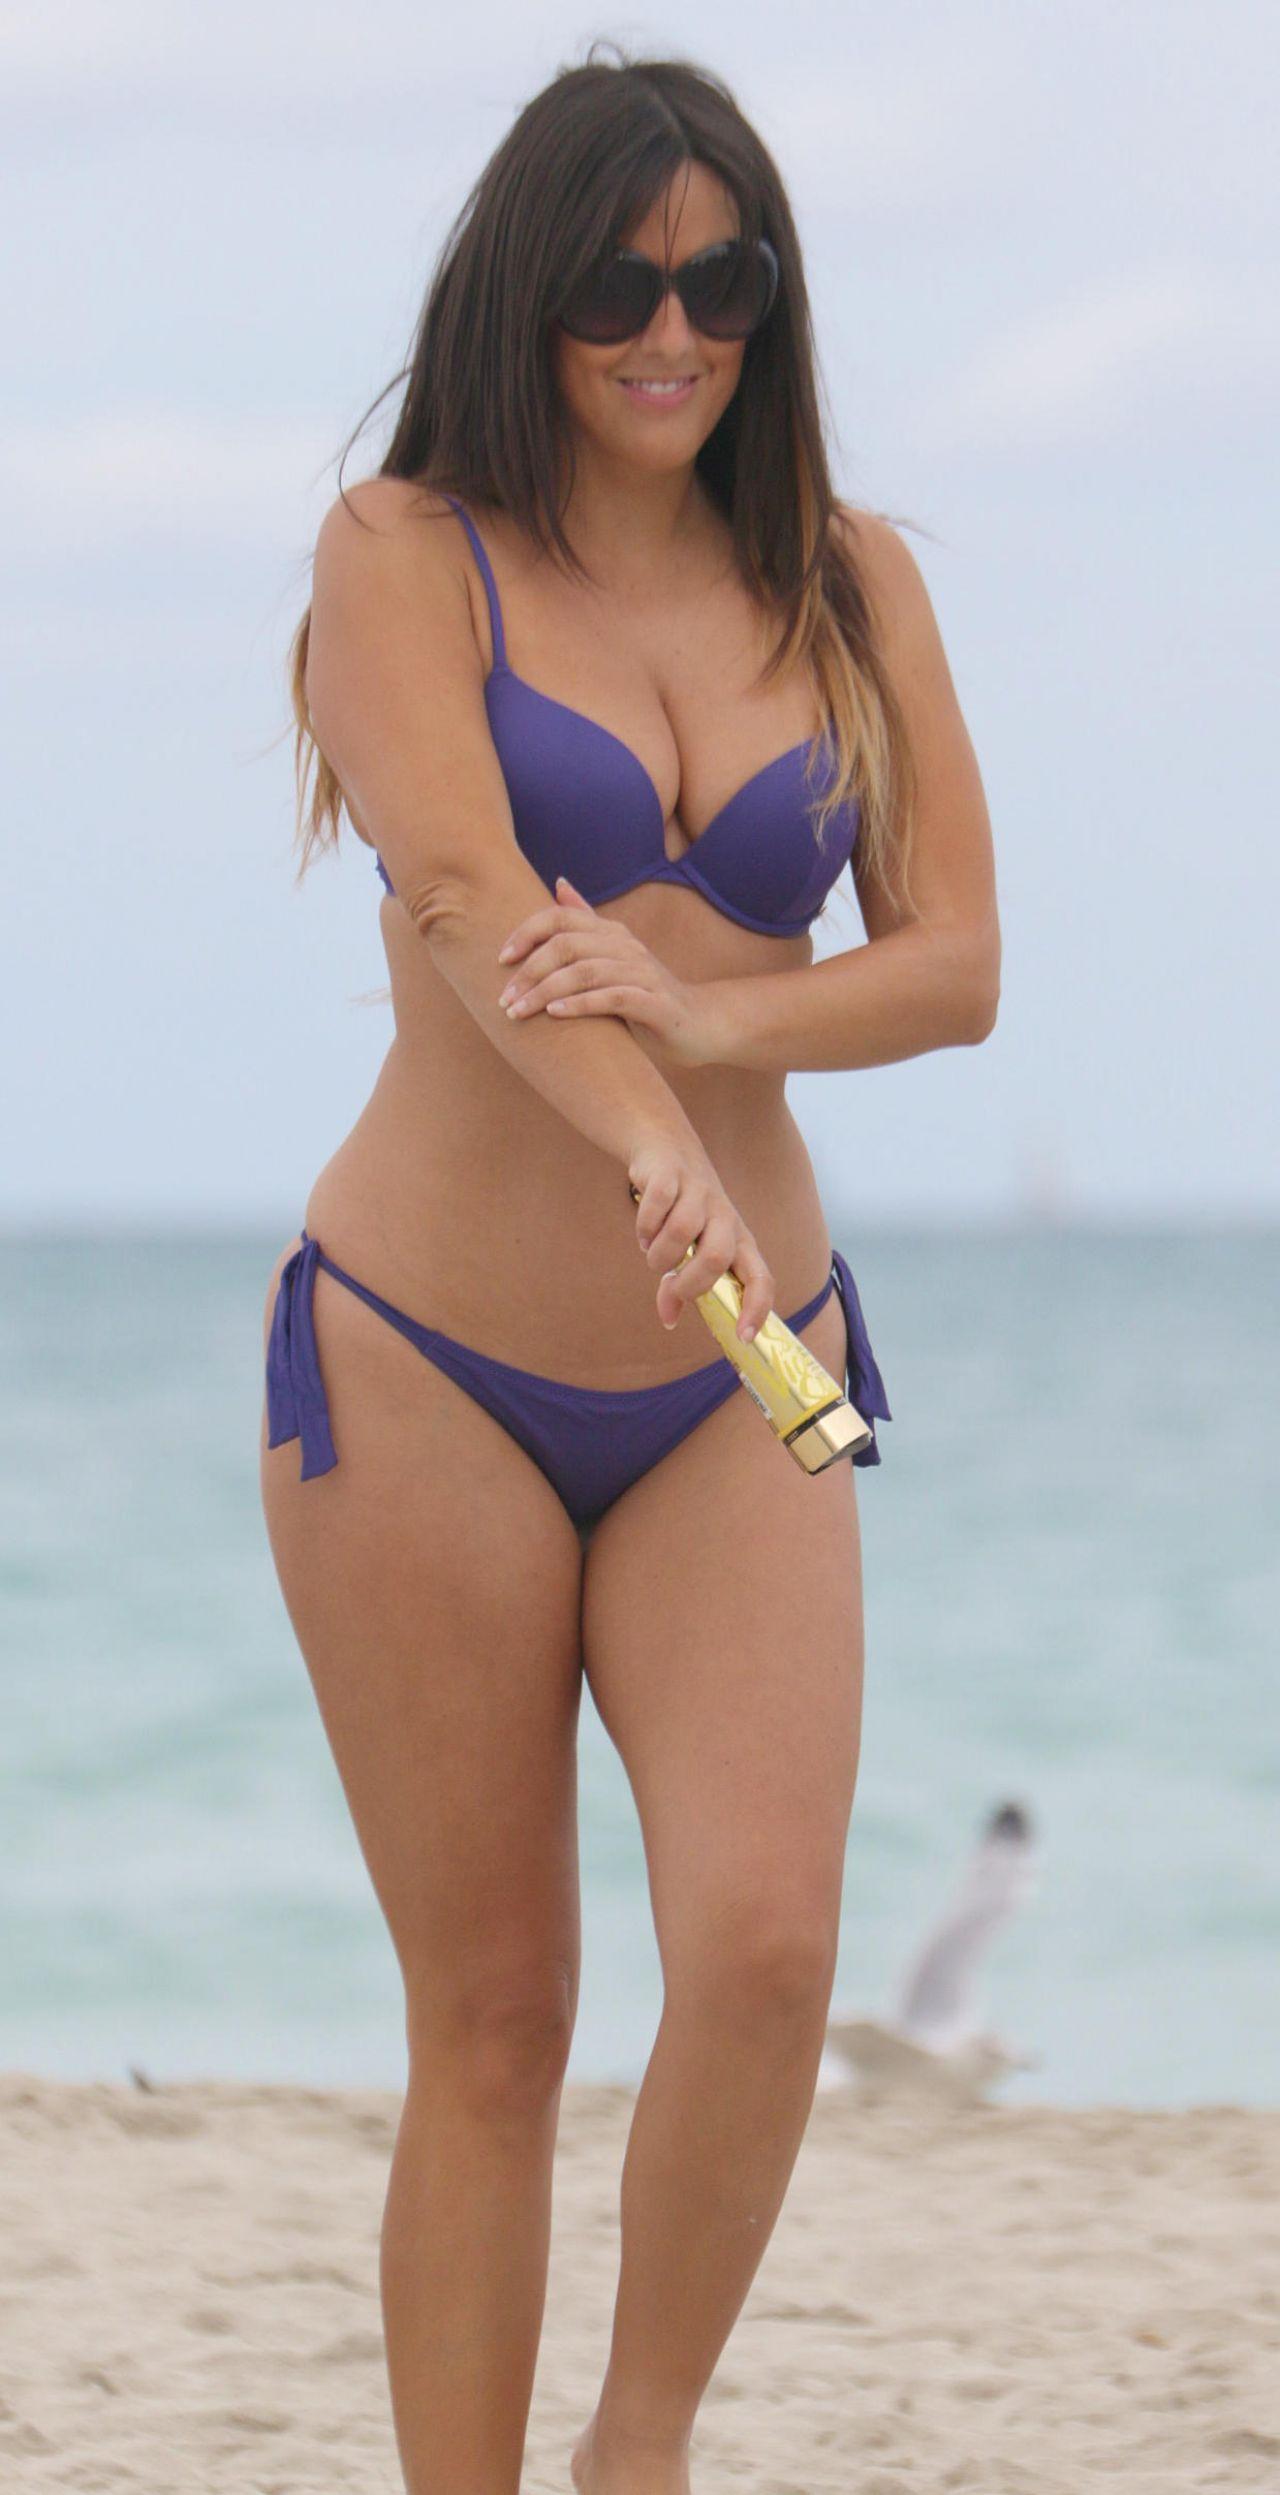 Bikini Claudia Romani nude (99 foto and video), Topless, Is a cute, Boobs, legs 2017